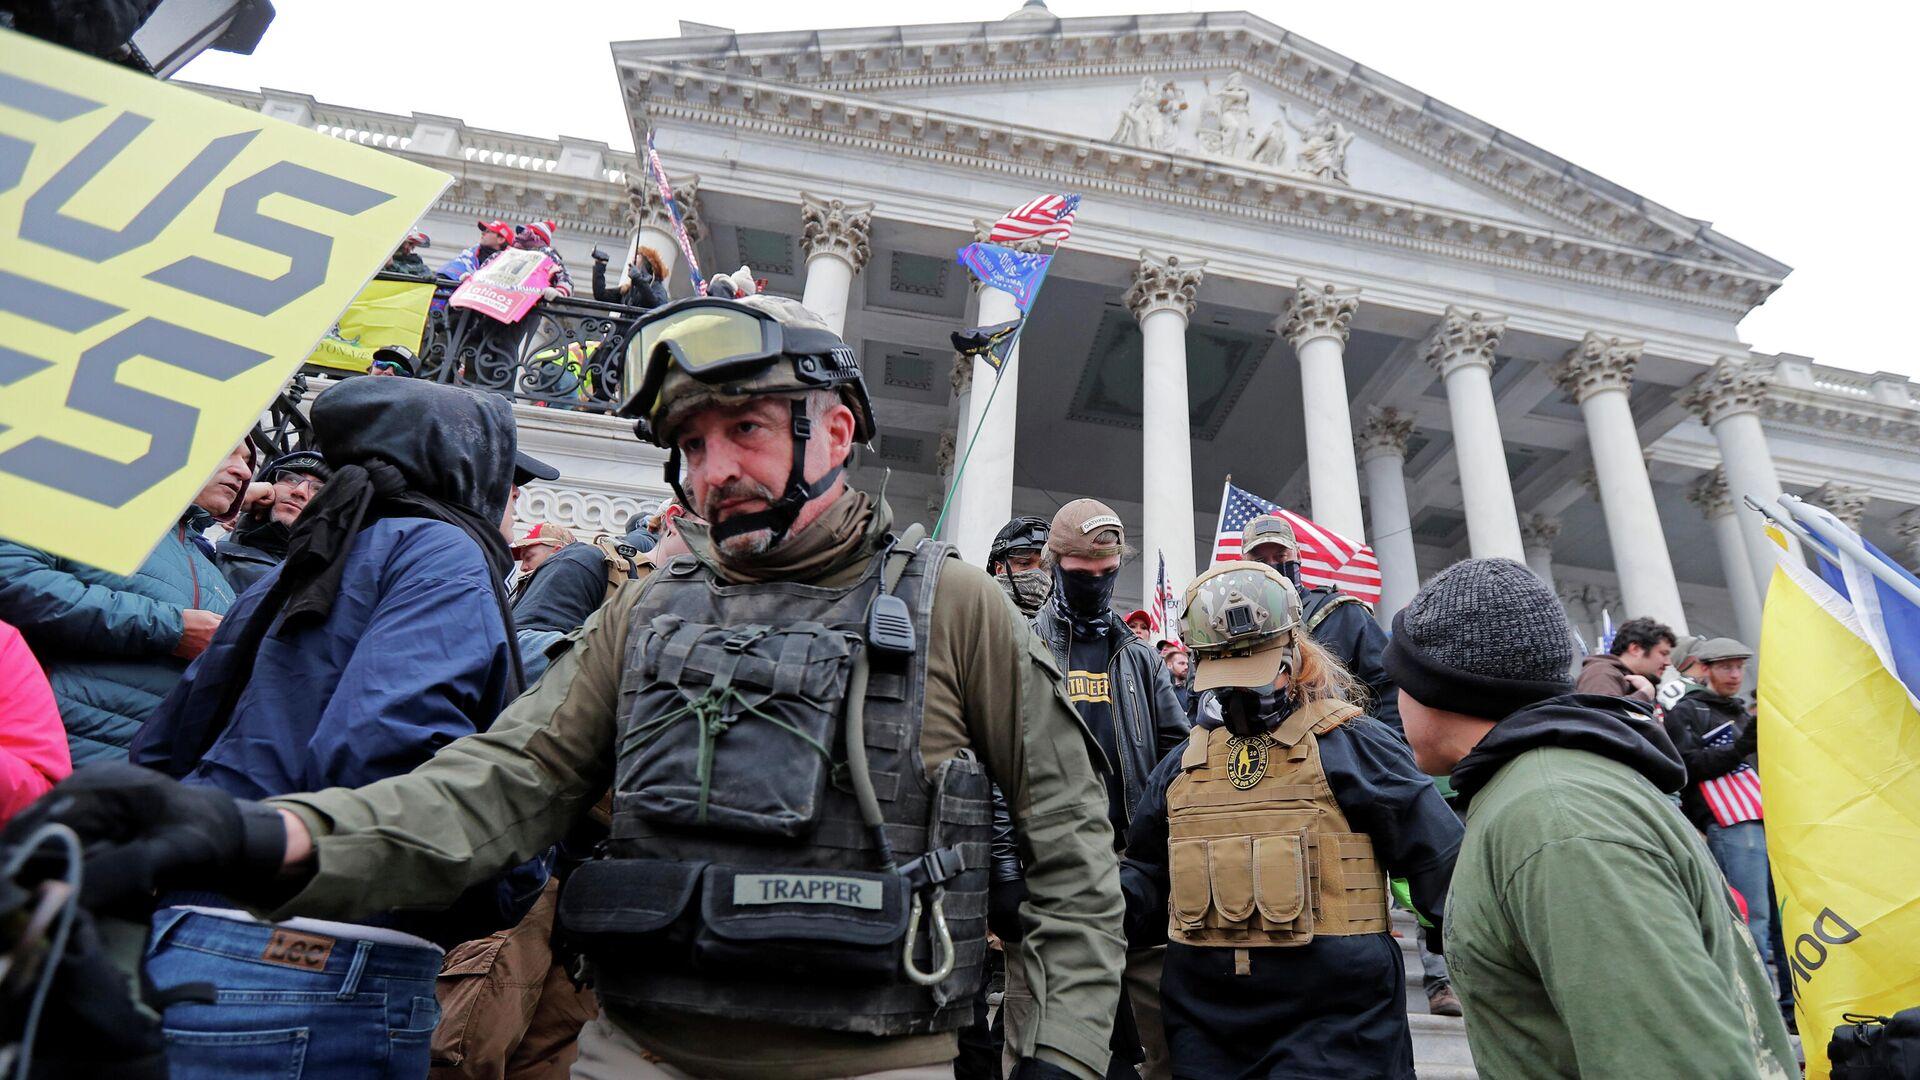 Члены организации Oath Keepers во время штурма Капитолия в Вашингтоне  - РИА Новости, 1920, 21.02.2021